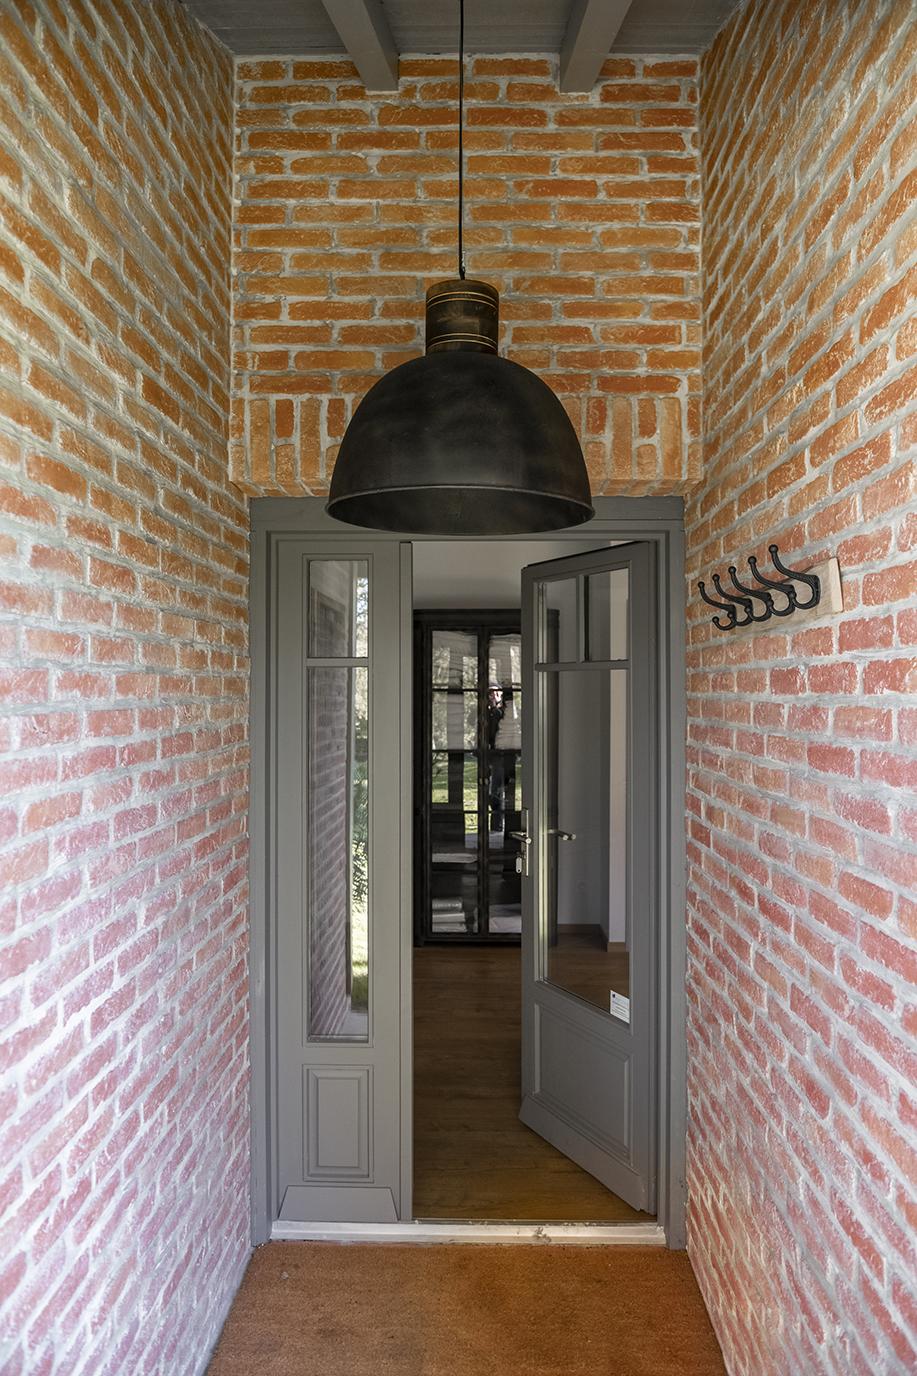 Rénovation_maison landes_lala architectes_Entrée briquettes